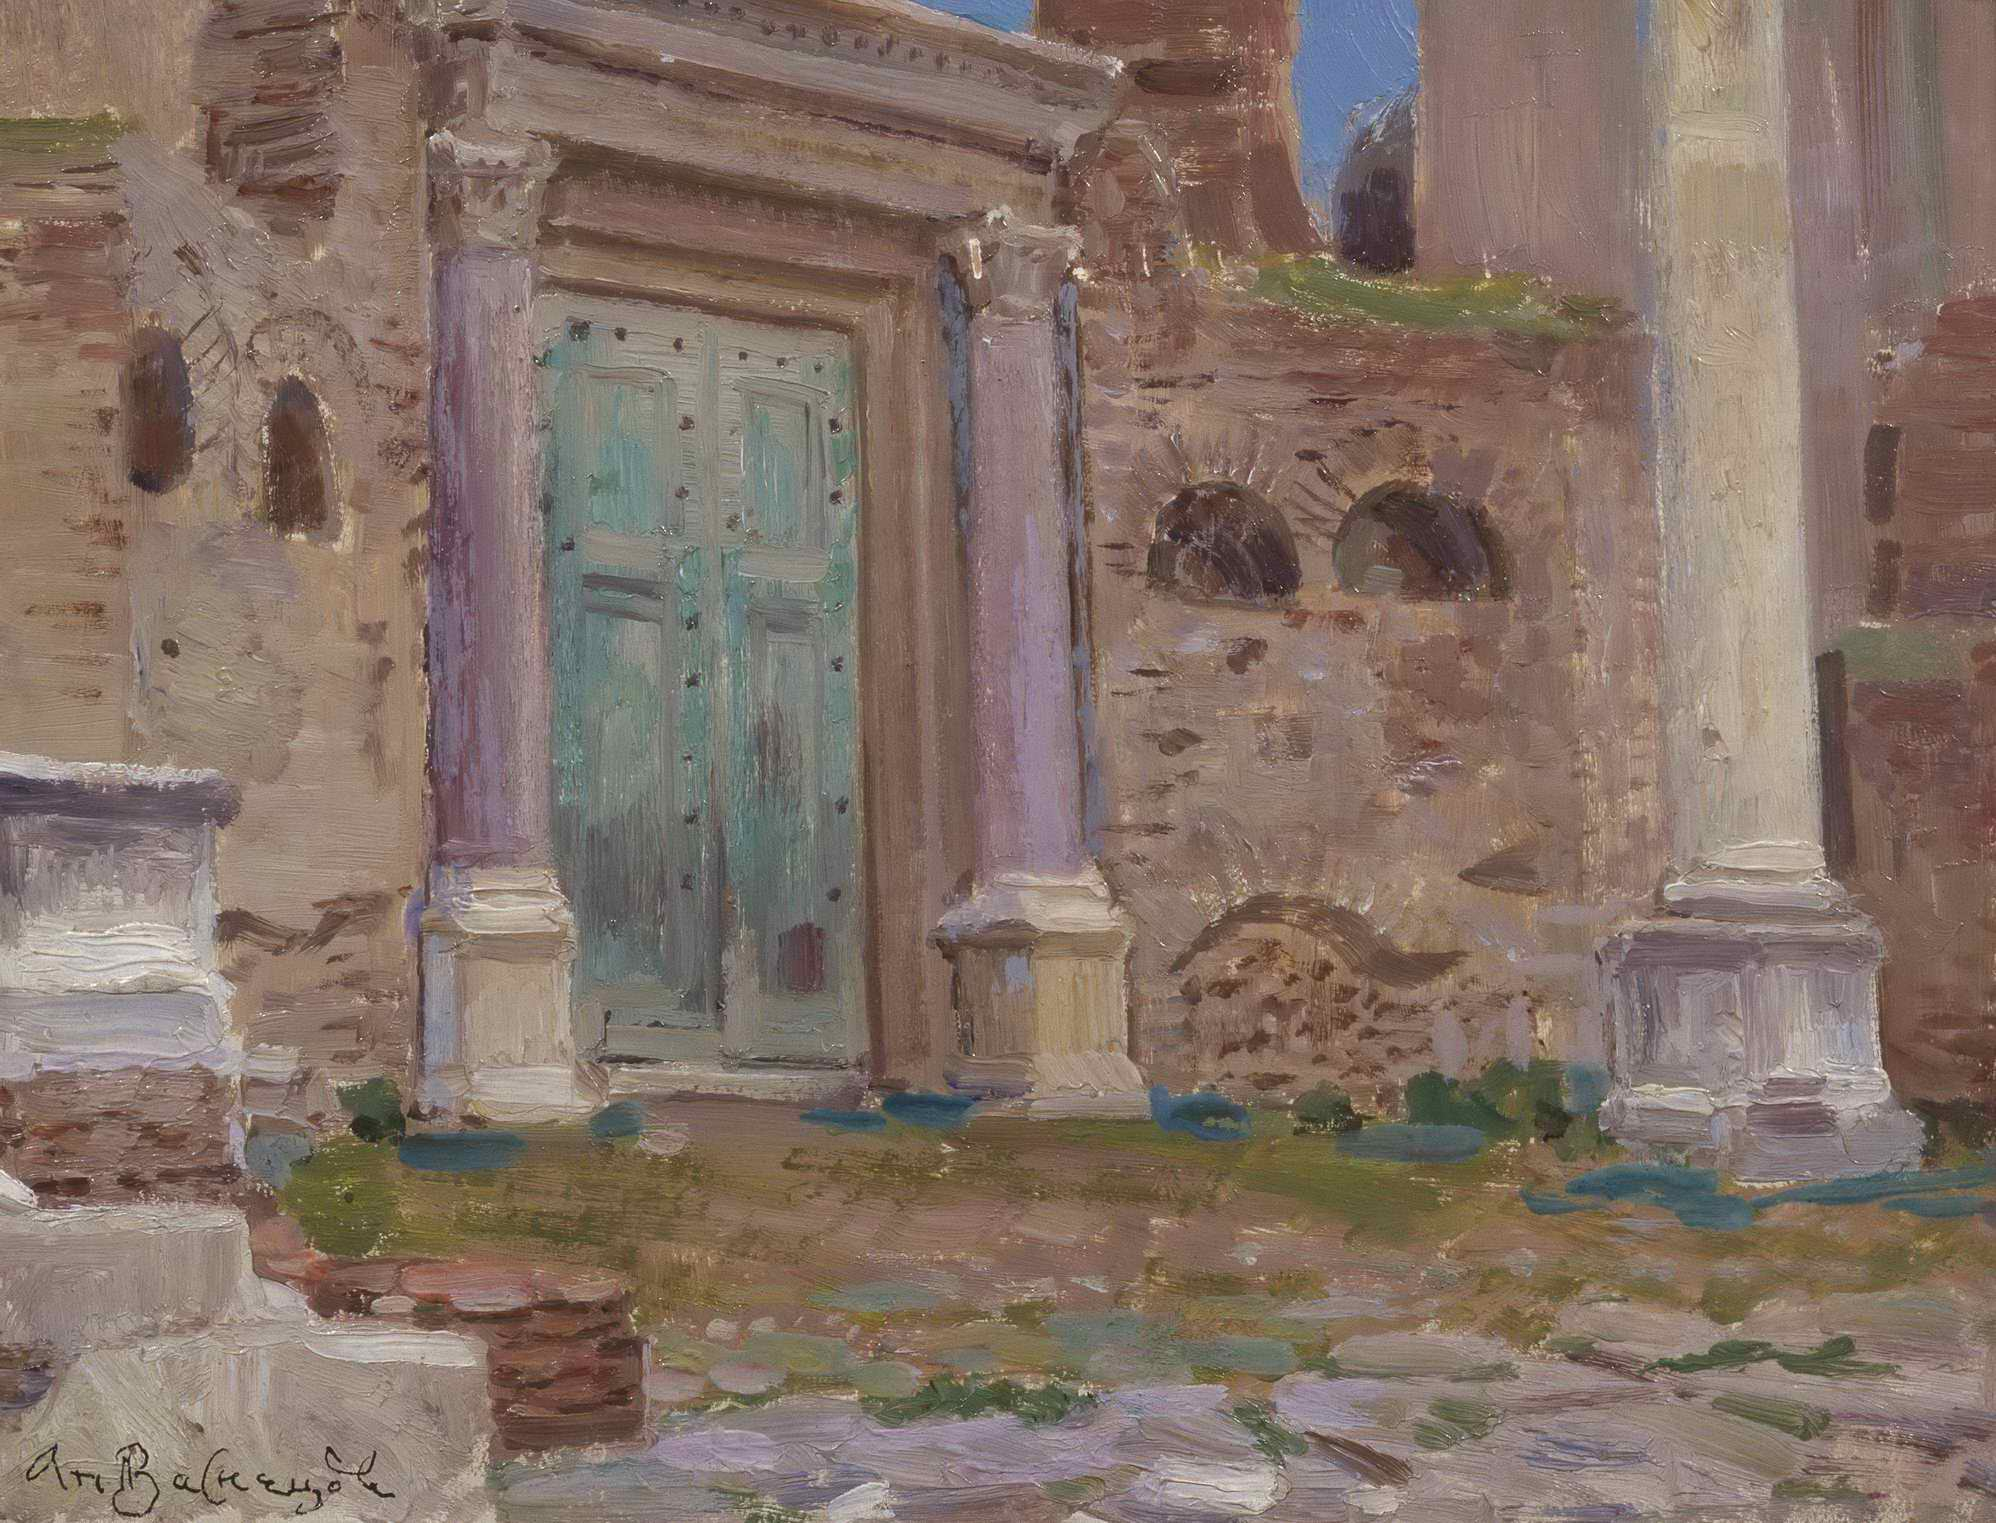 Васнецов А.М. - Двери в храм Януса